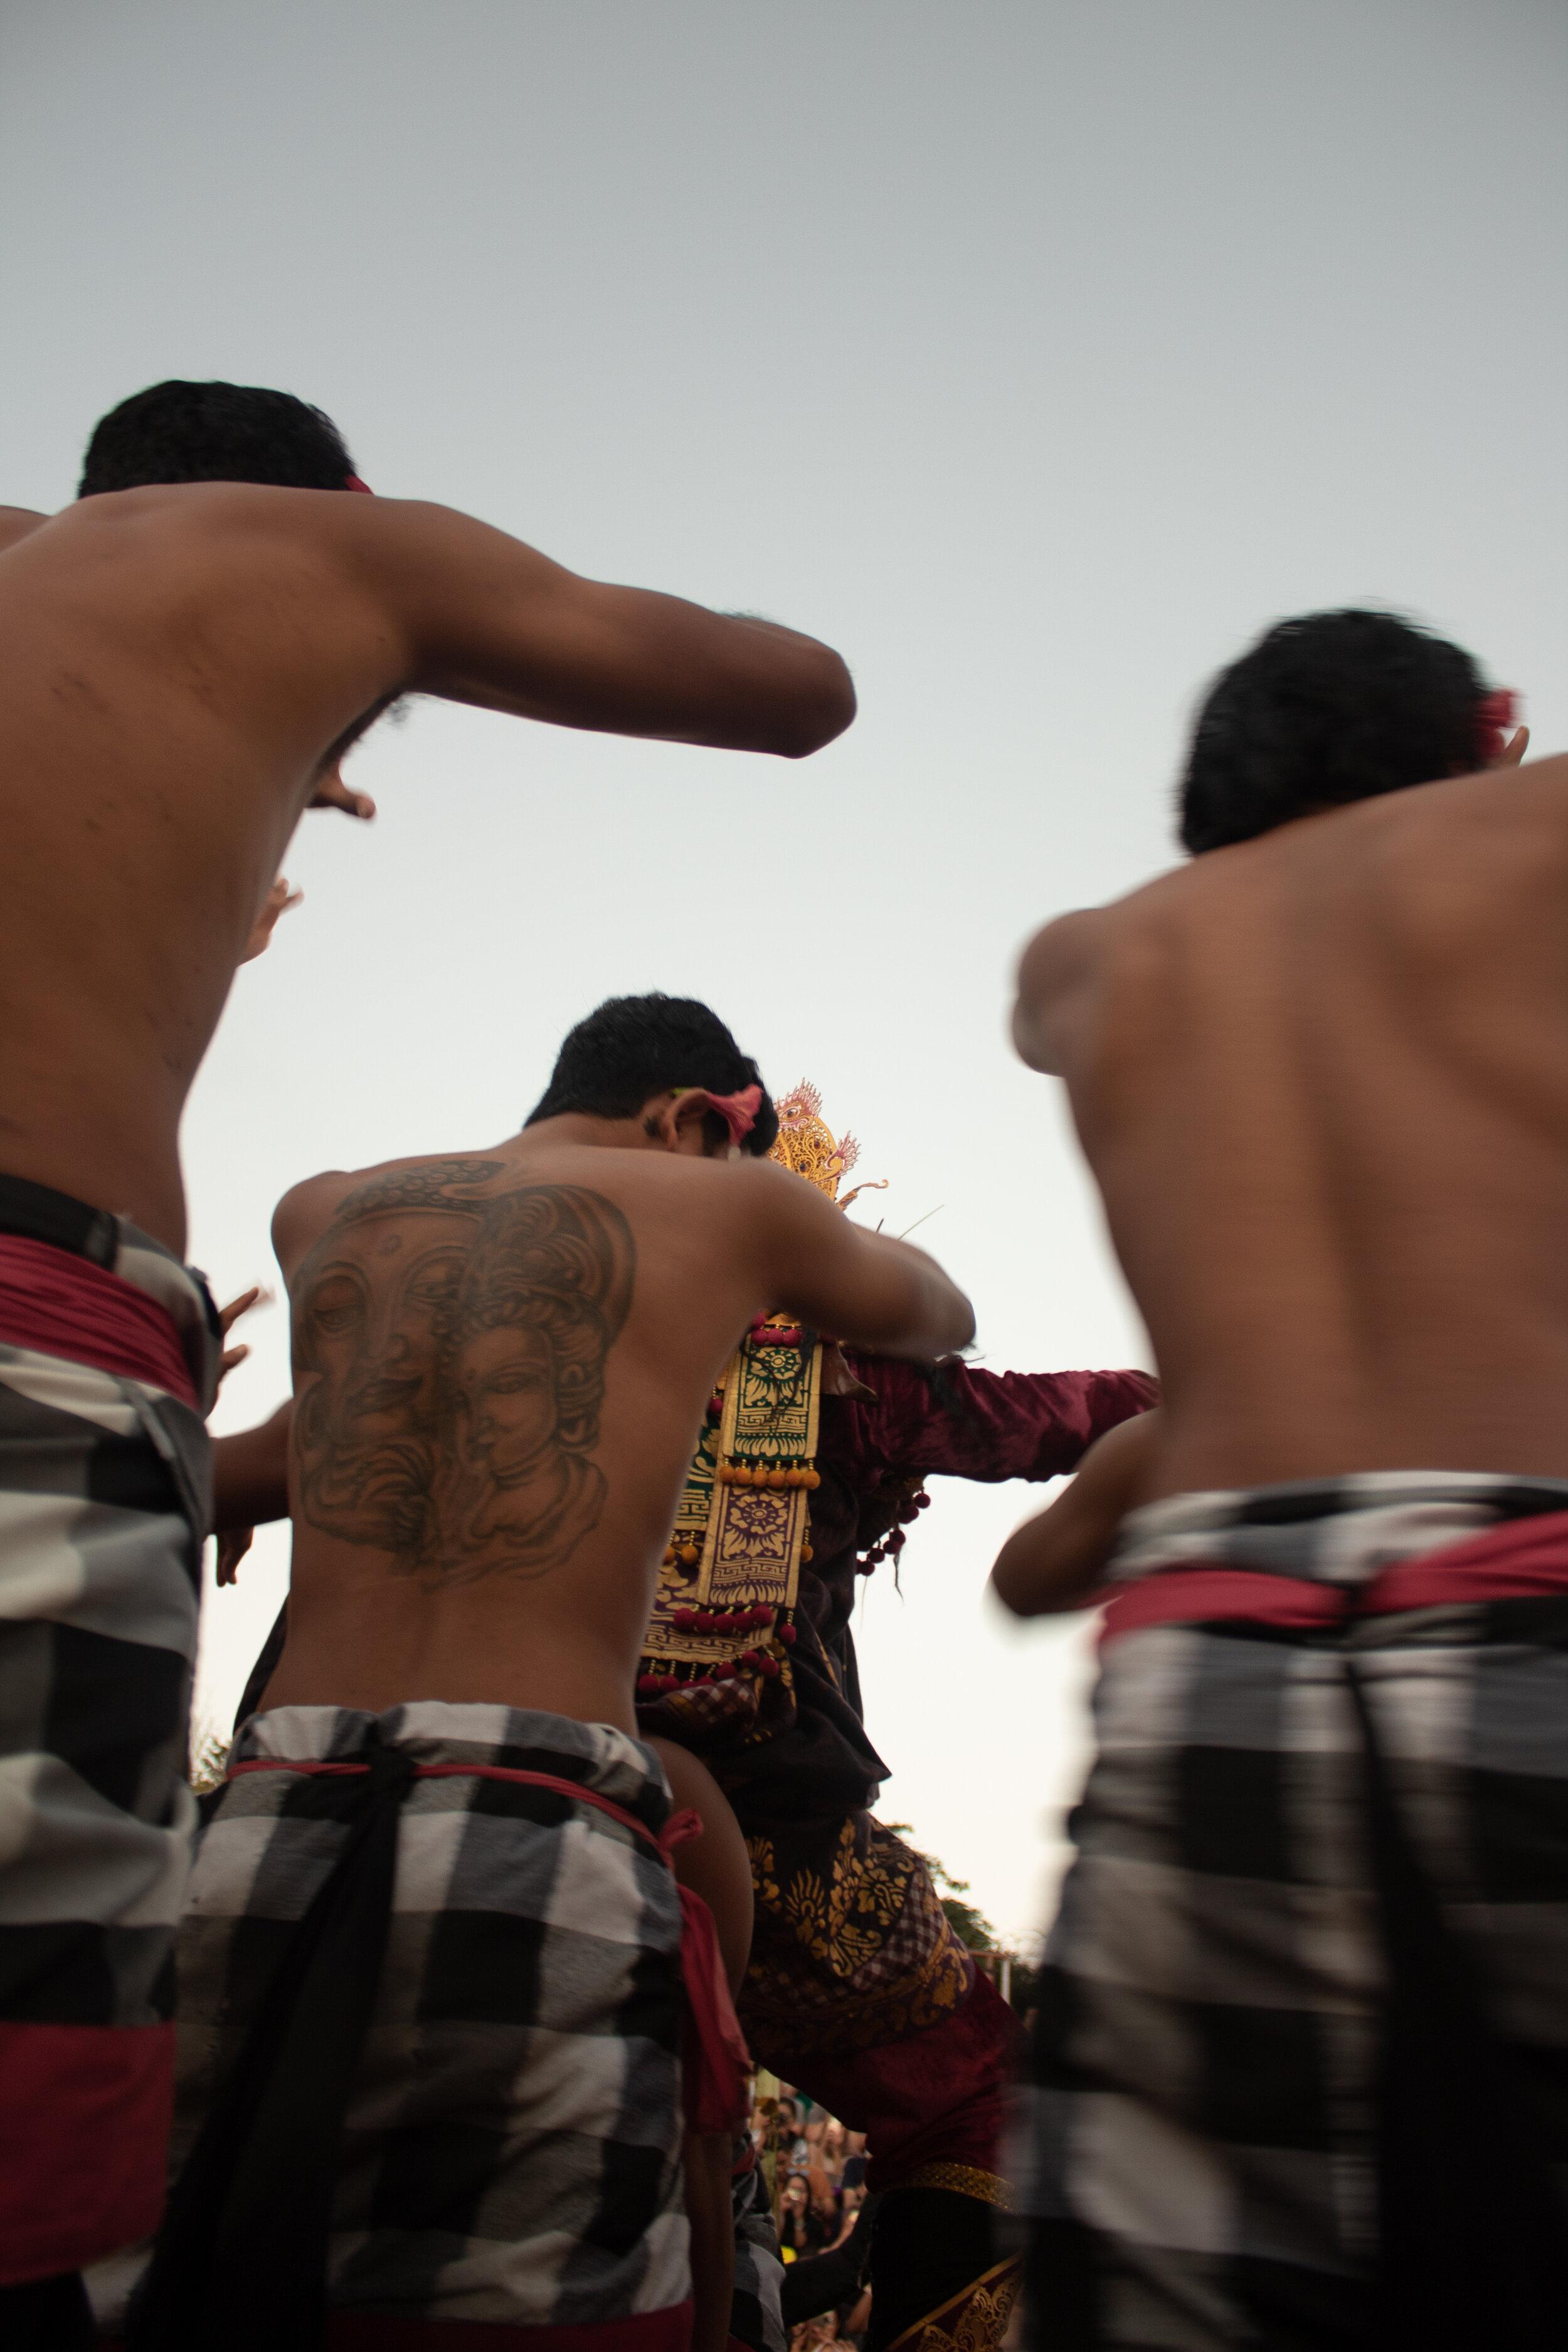 Bali: A Culture of Mindfulness